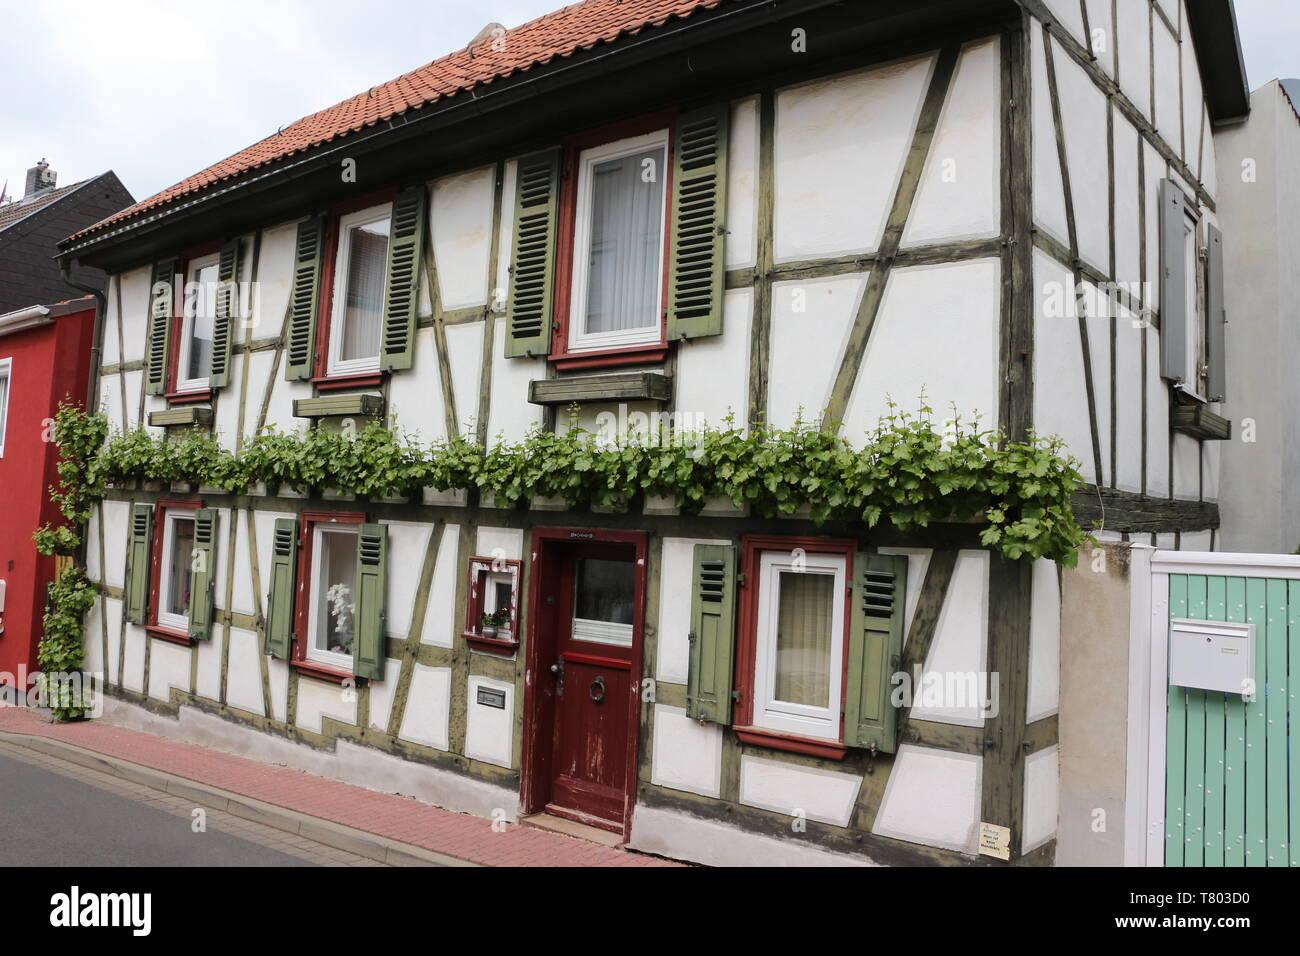 Historische Gebäude im Zentrum von Bad Vilbel in Hessen - Stock Image